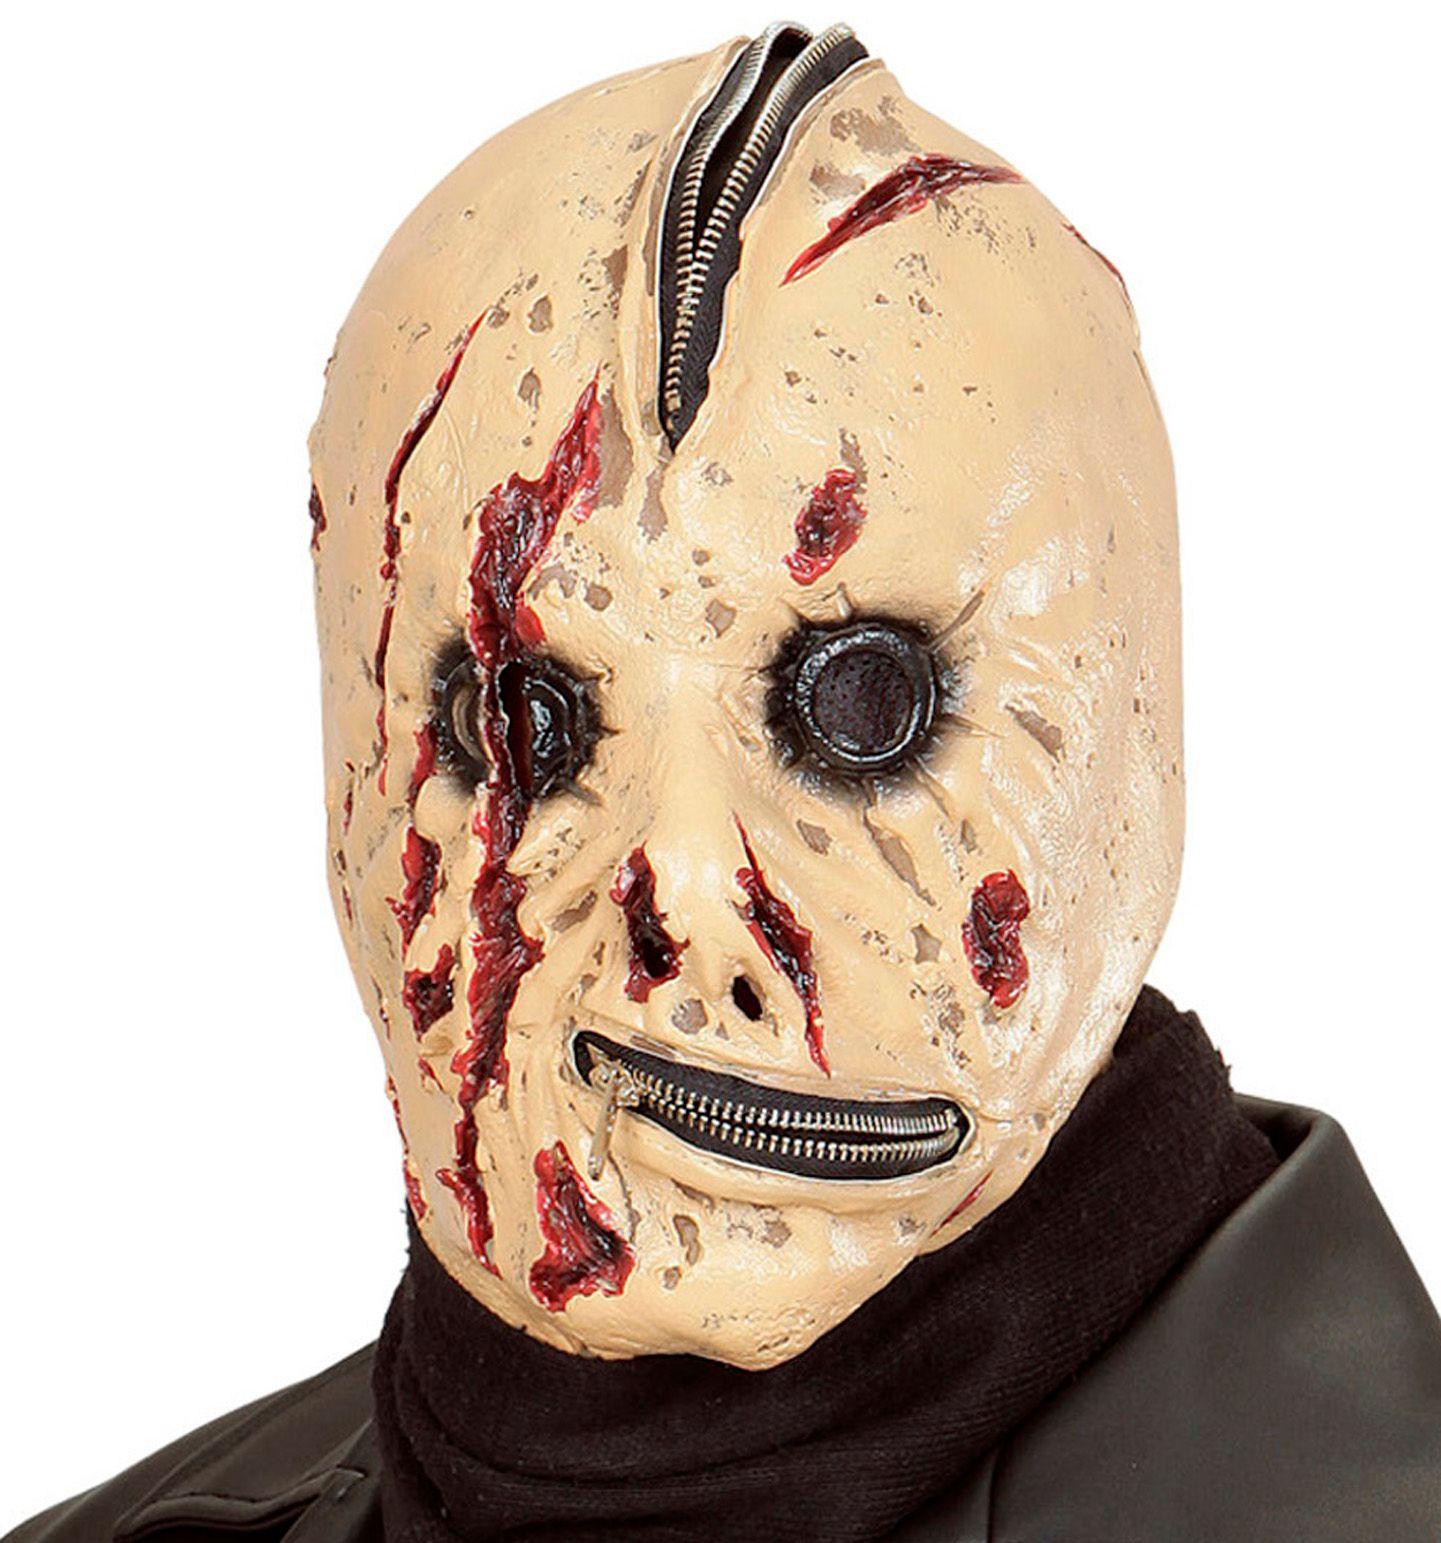 Bloederig monster masker met rits